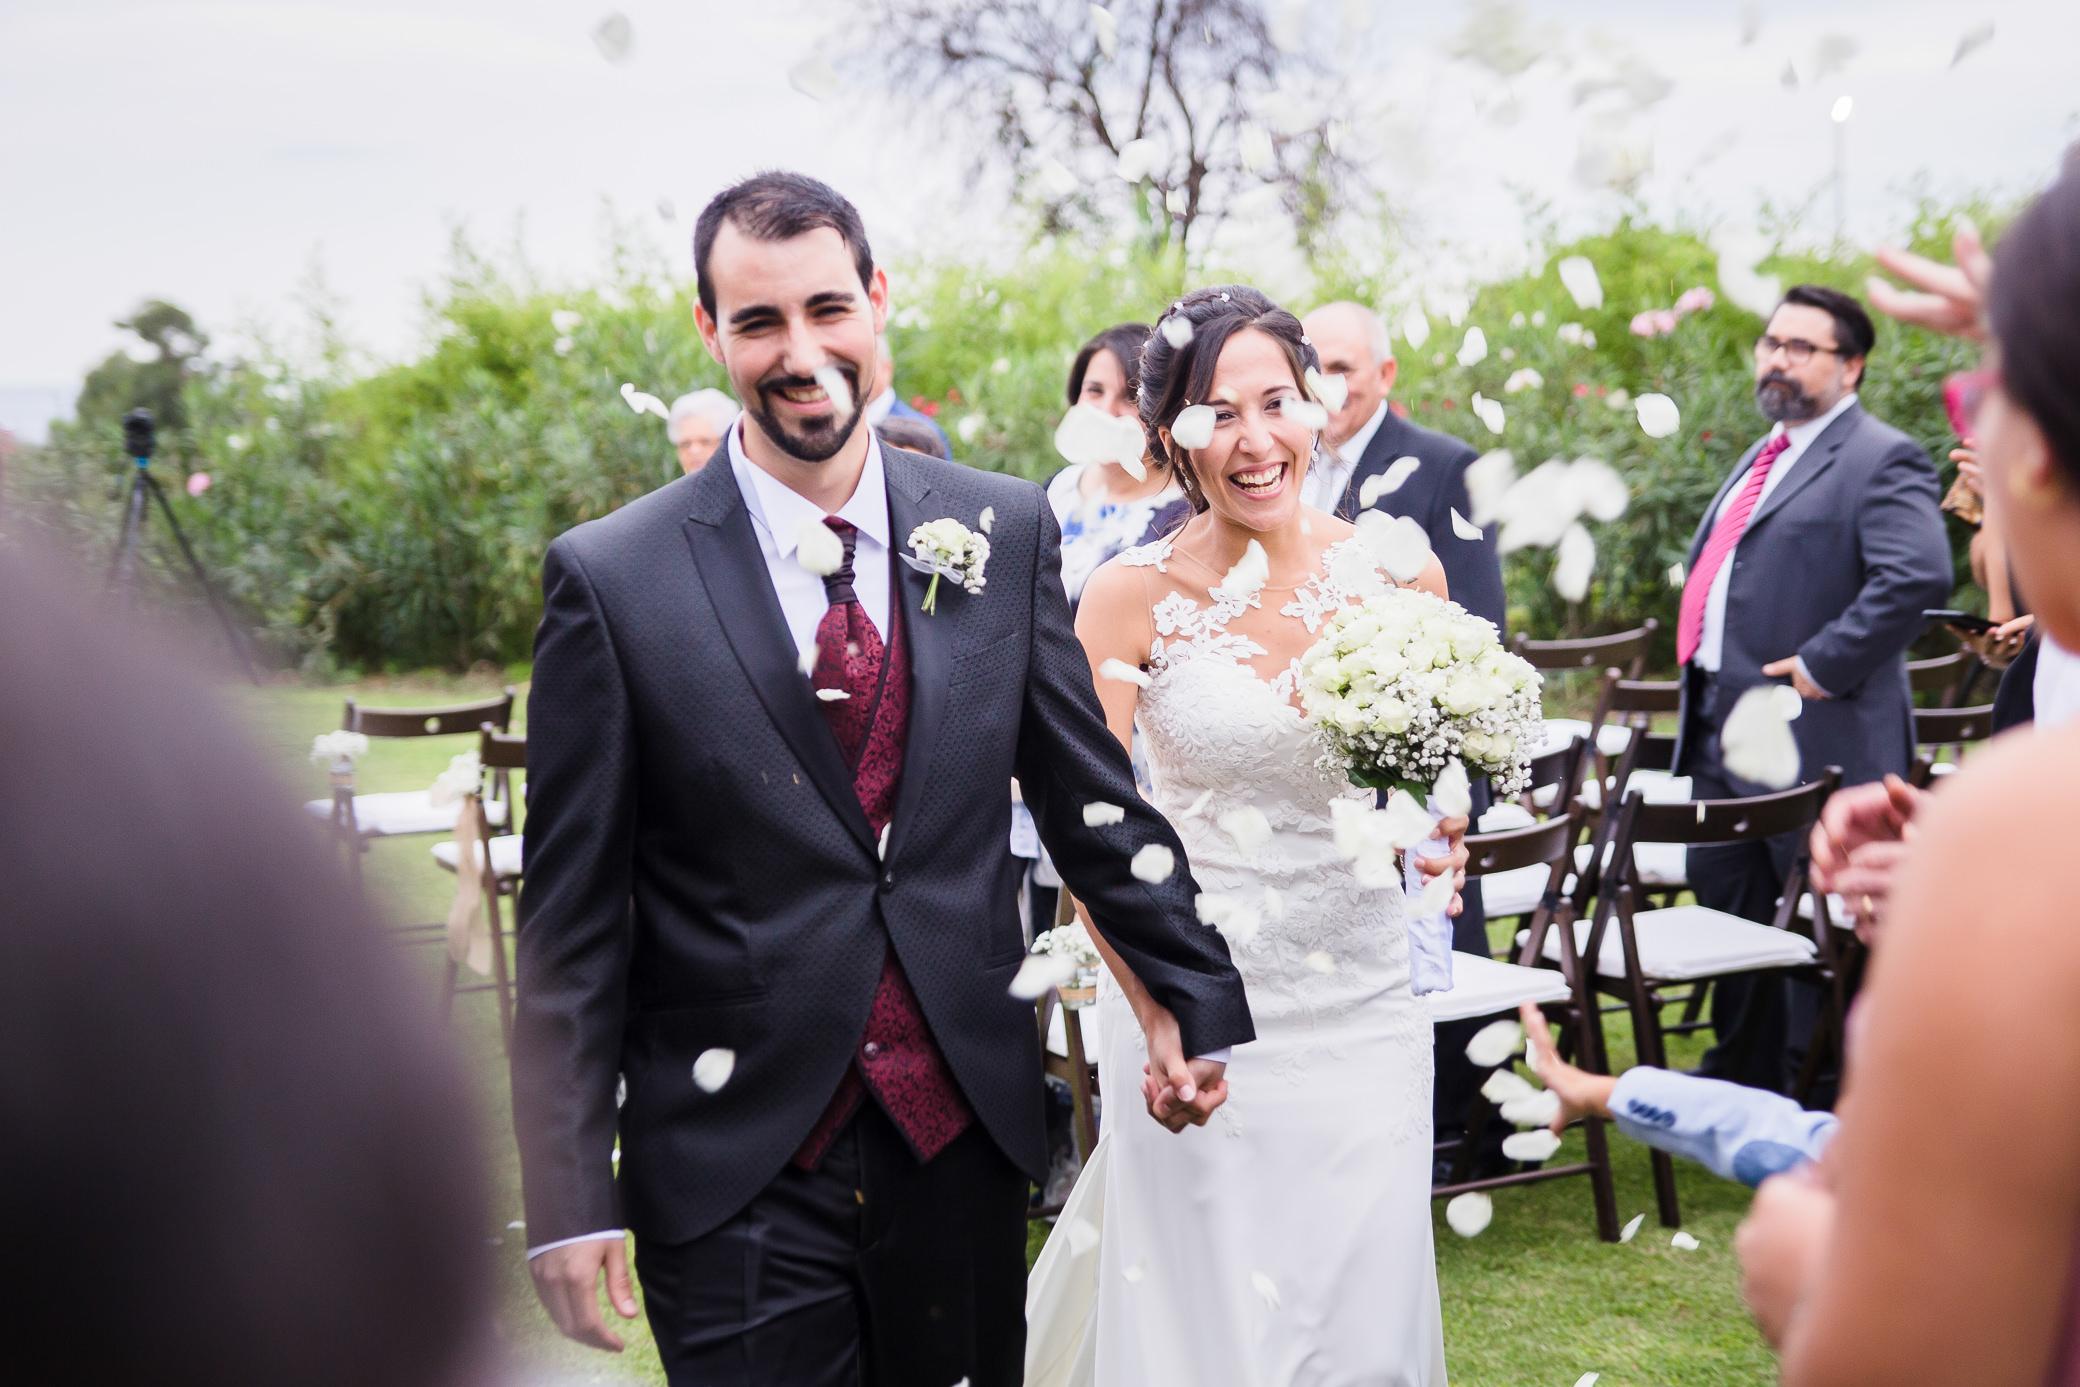 boda-aire-libre-can-tosca-photografeel-51.jpg